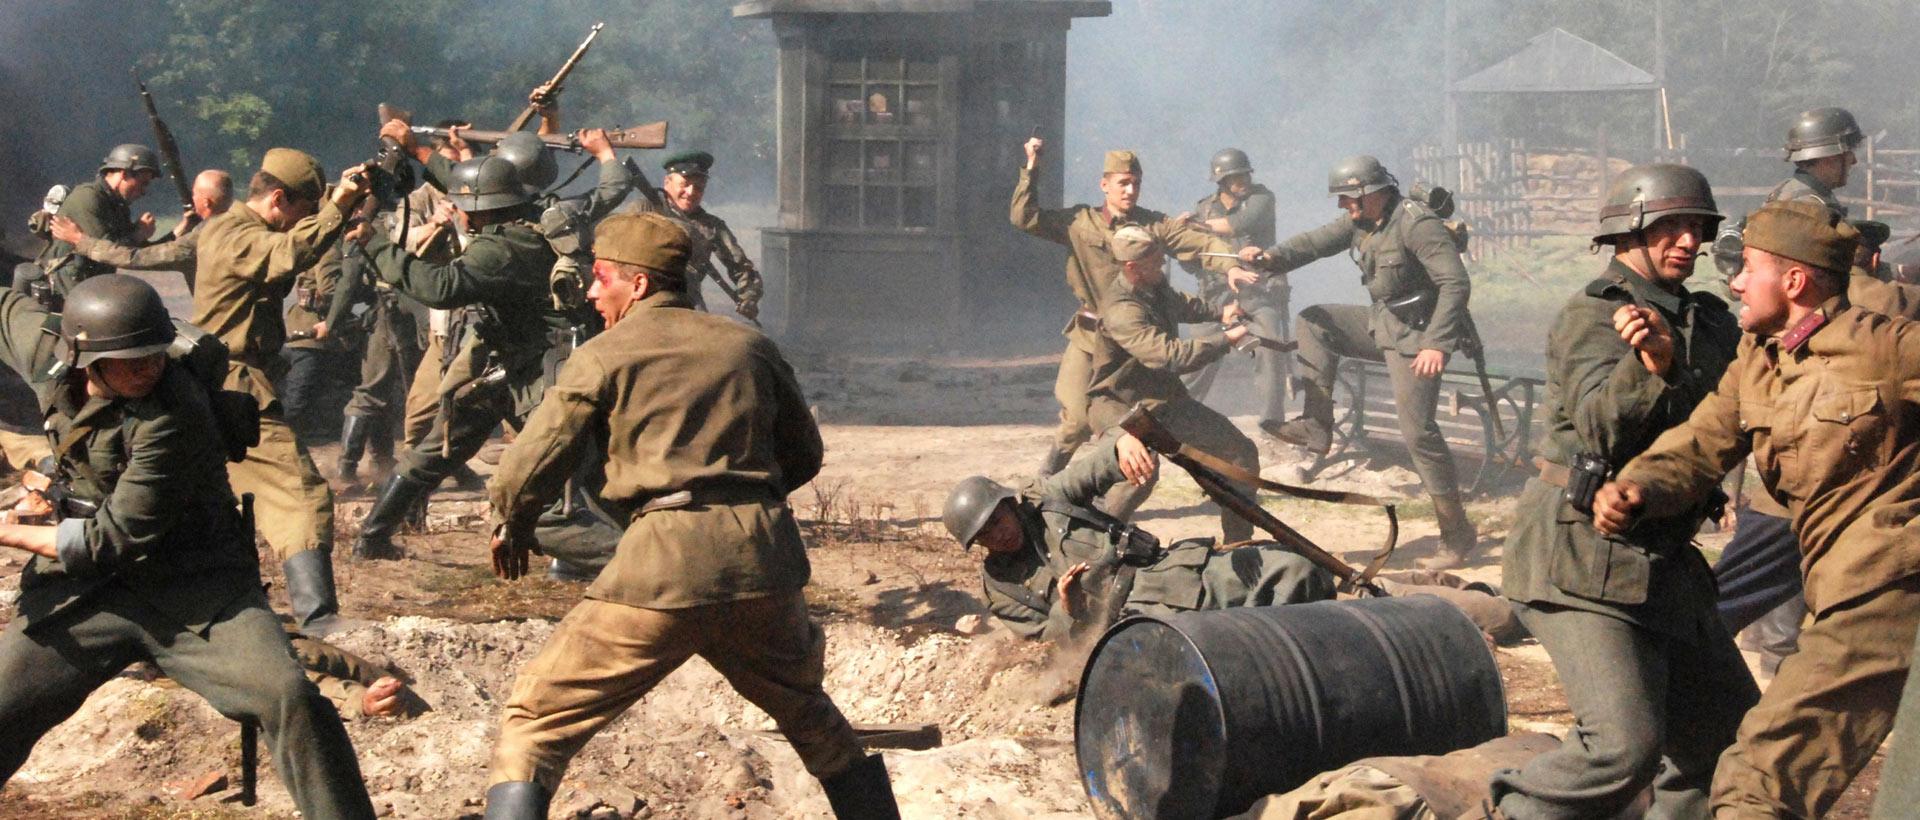 Документальные Фильмы О России Смотреть Онлайн